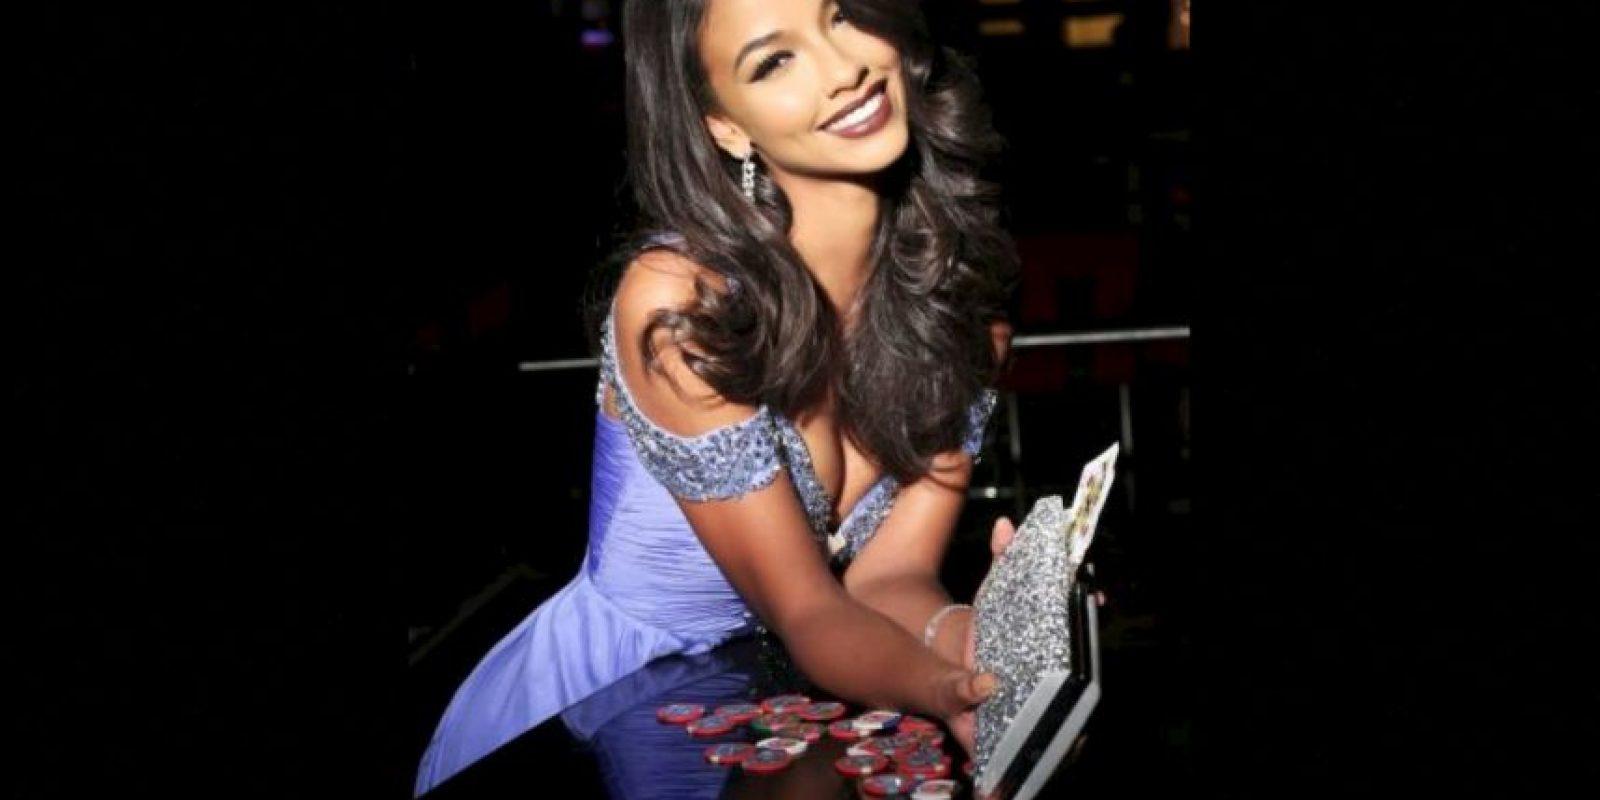 Flora Coquerel es Miss Francia Foto:Facebook.com/MissUniverse